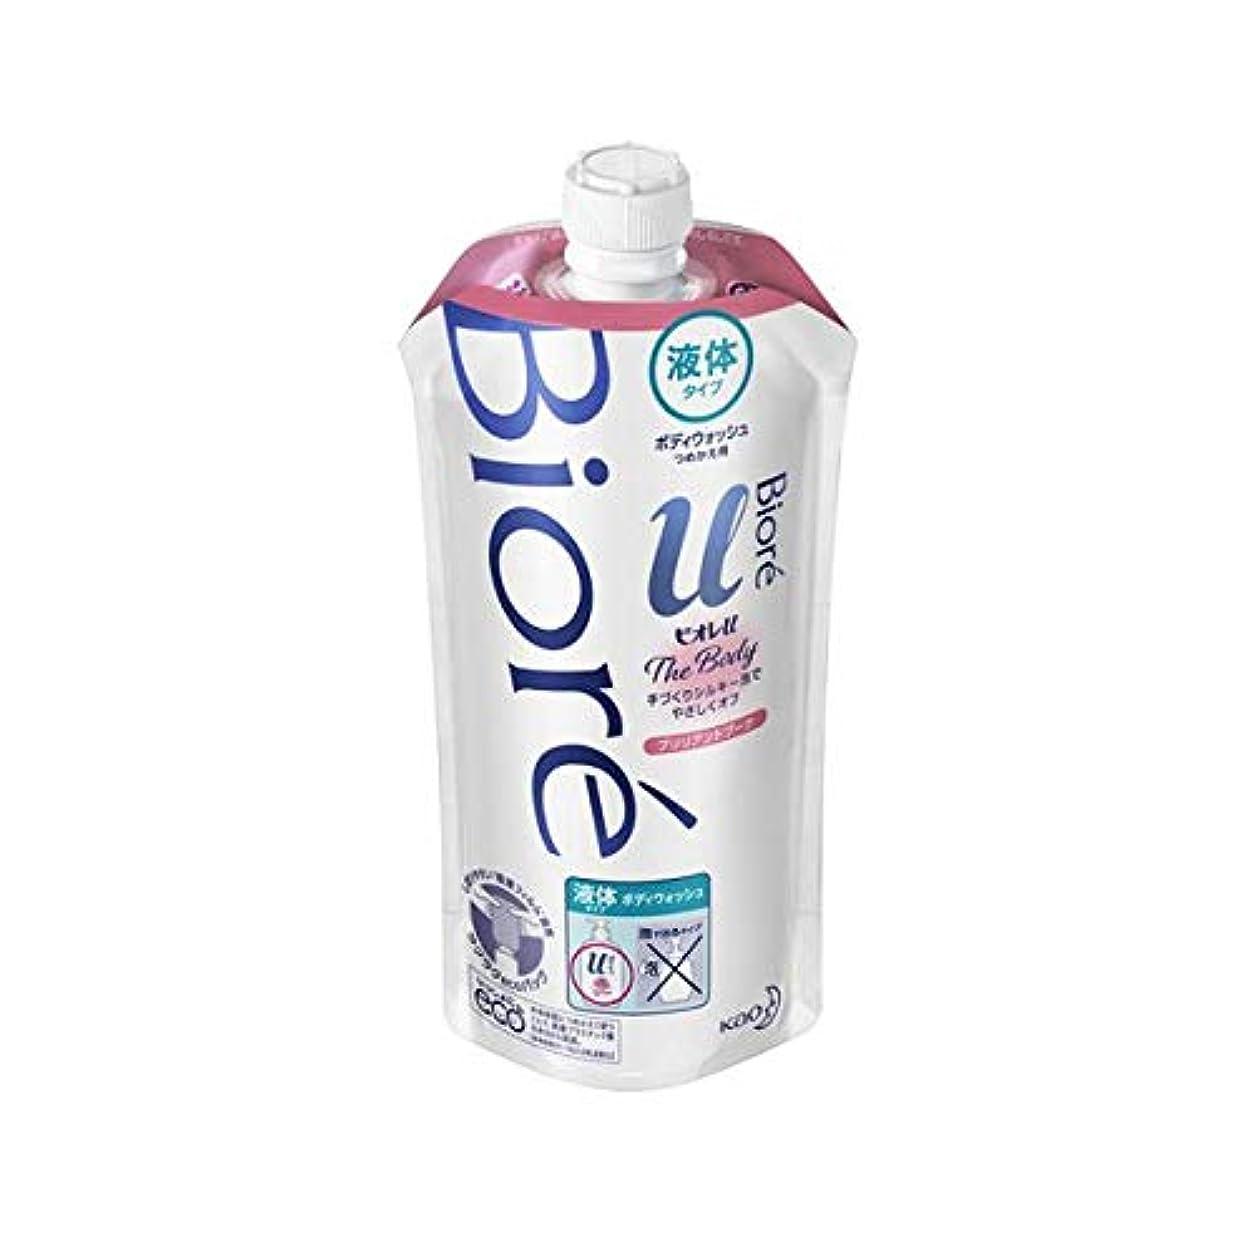 勧告放つ器具花王 ビオレu ザ ボディ液体ブリリアントブーケの香り 詰替え用 340ml